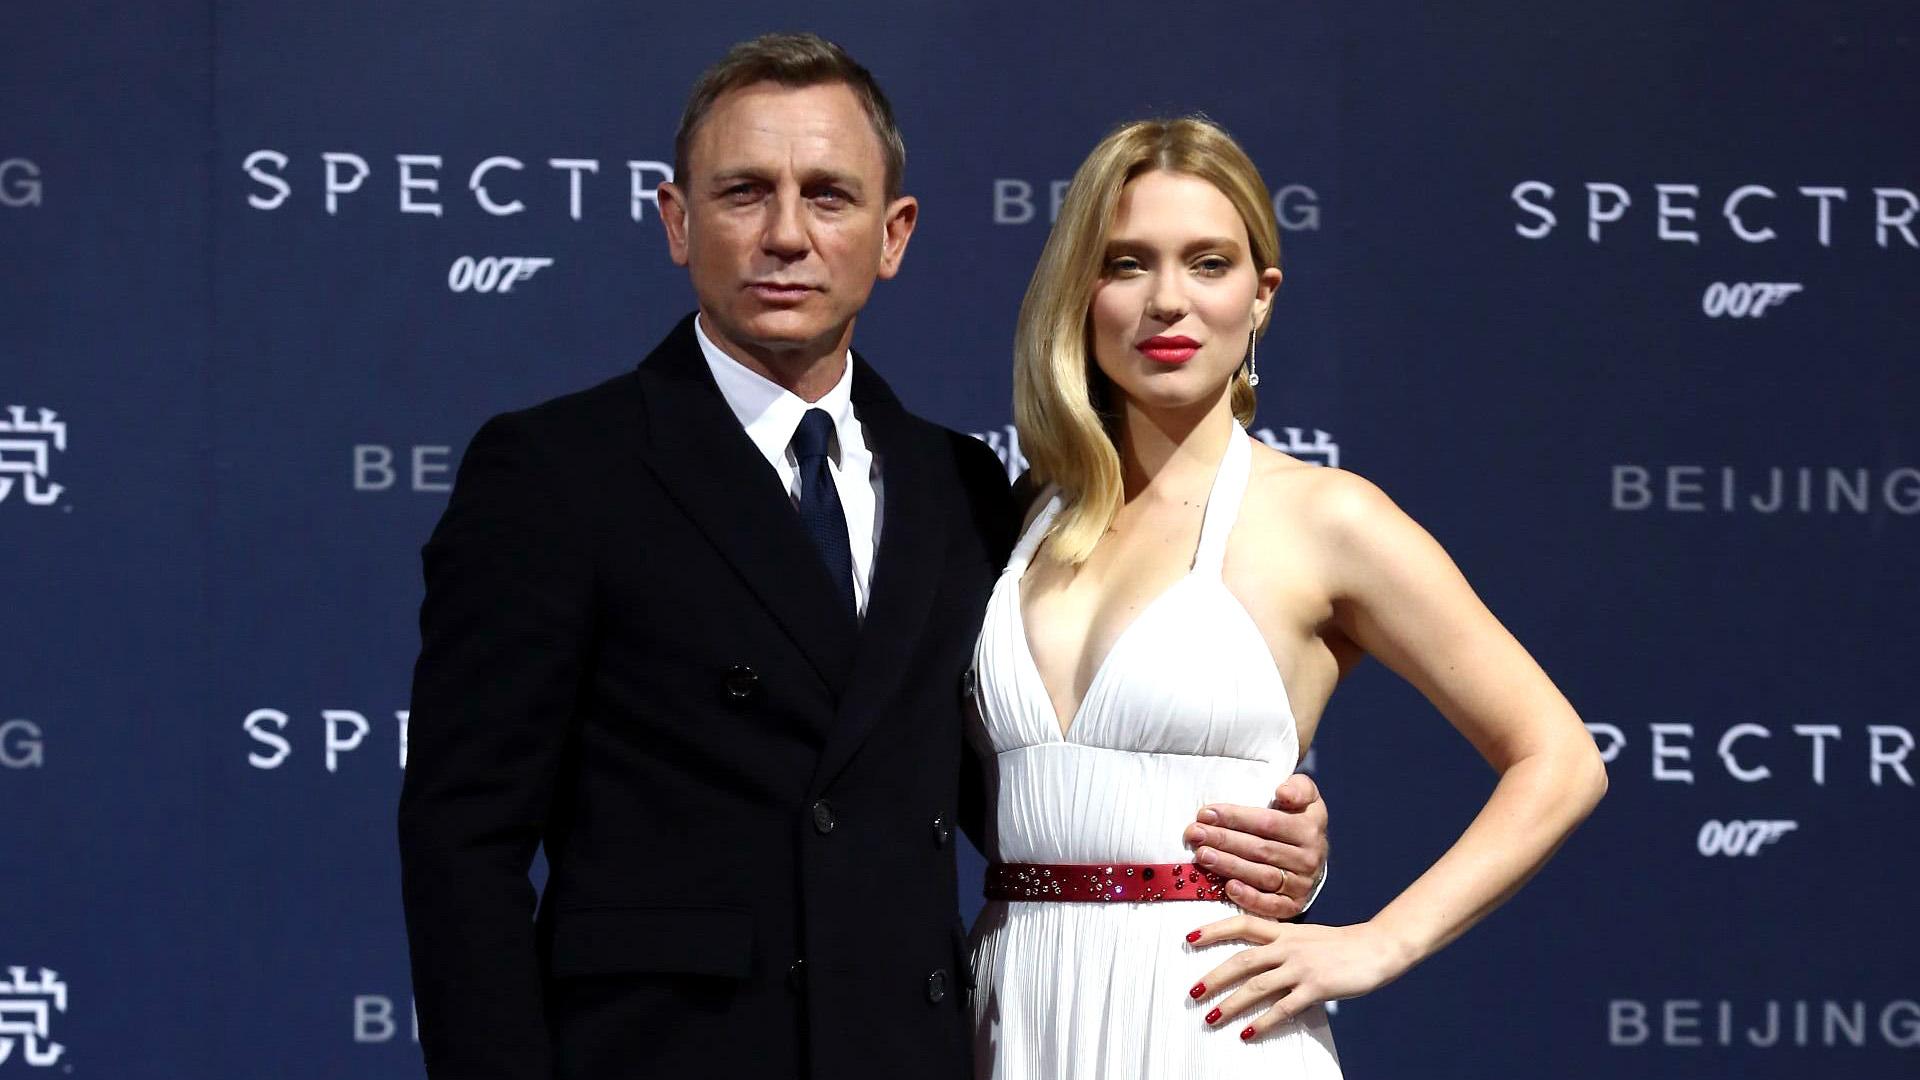 007-es ügynök daniel craig james bond külföldi sztárok rivalda színész sztárvilág